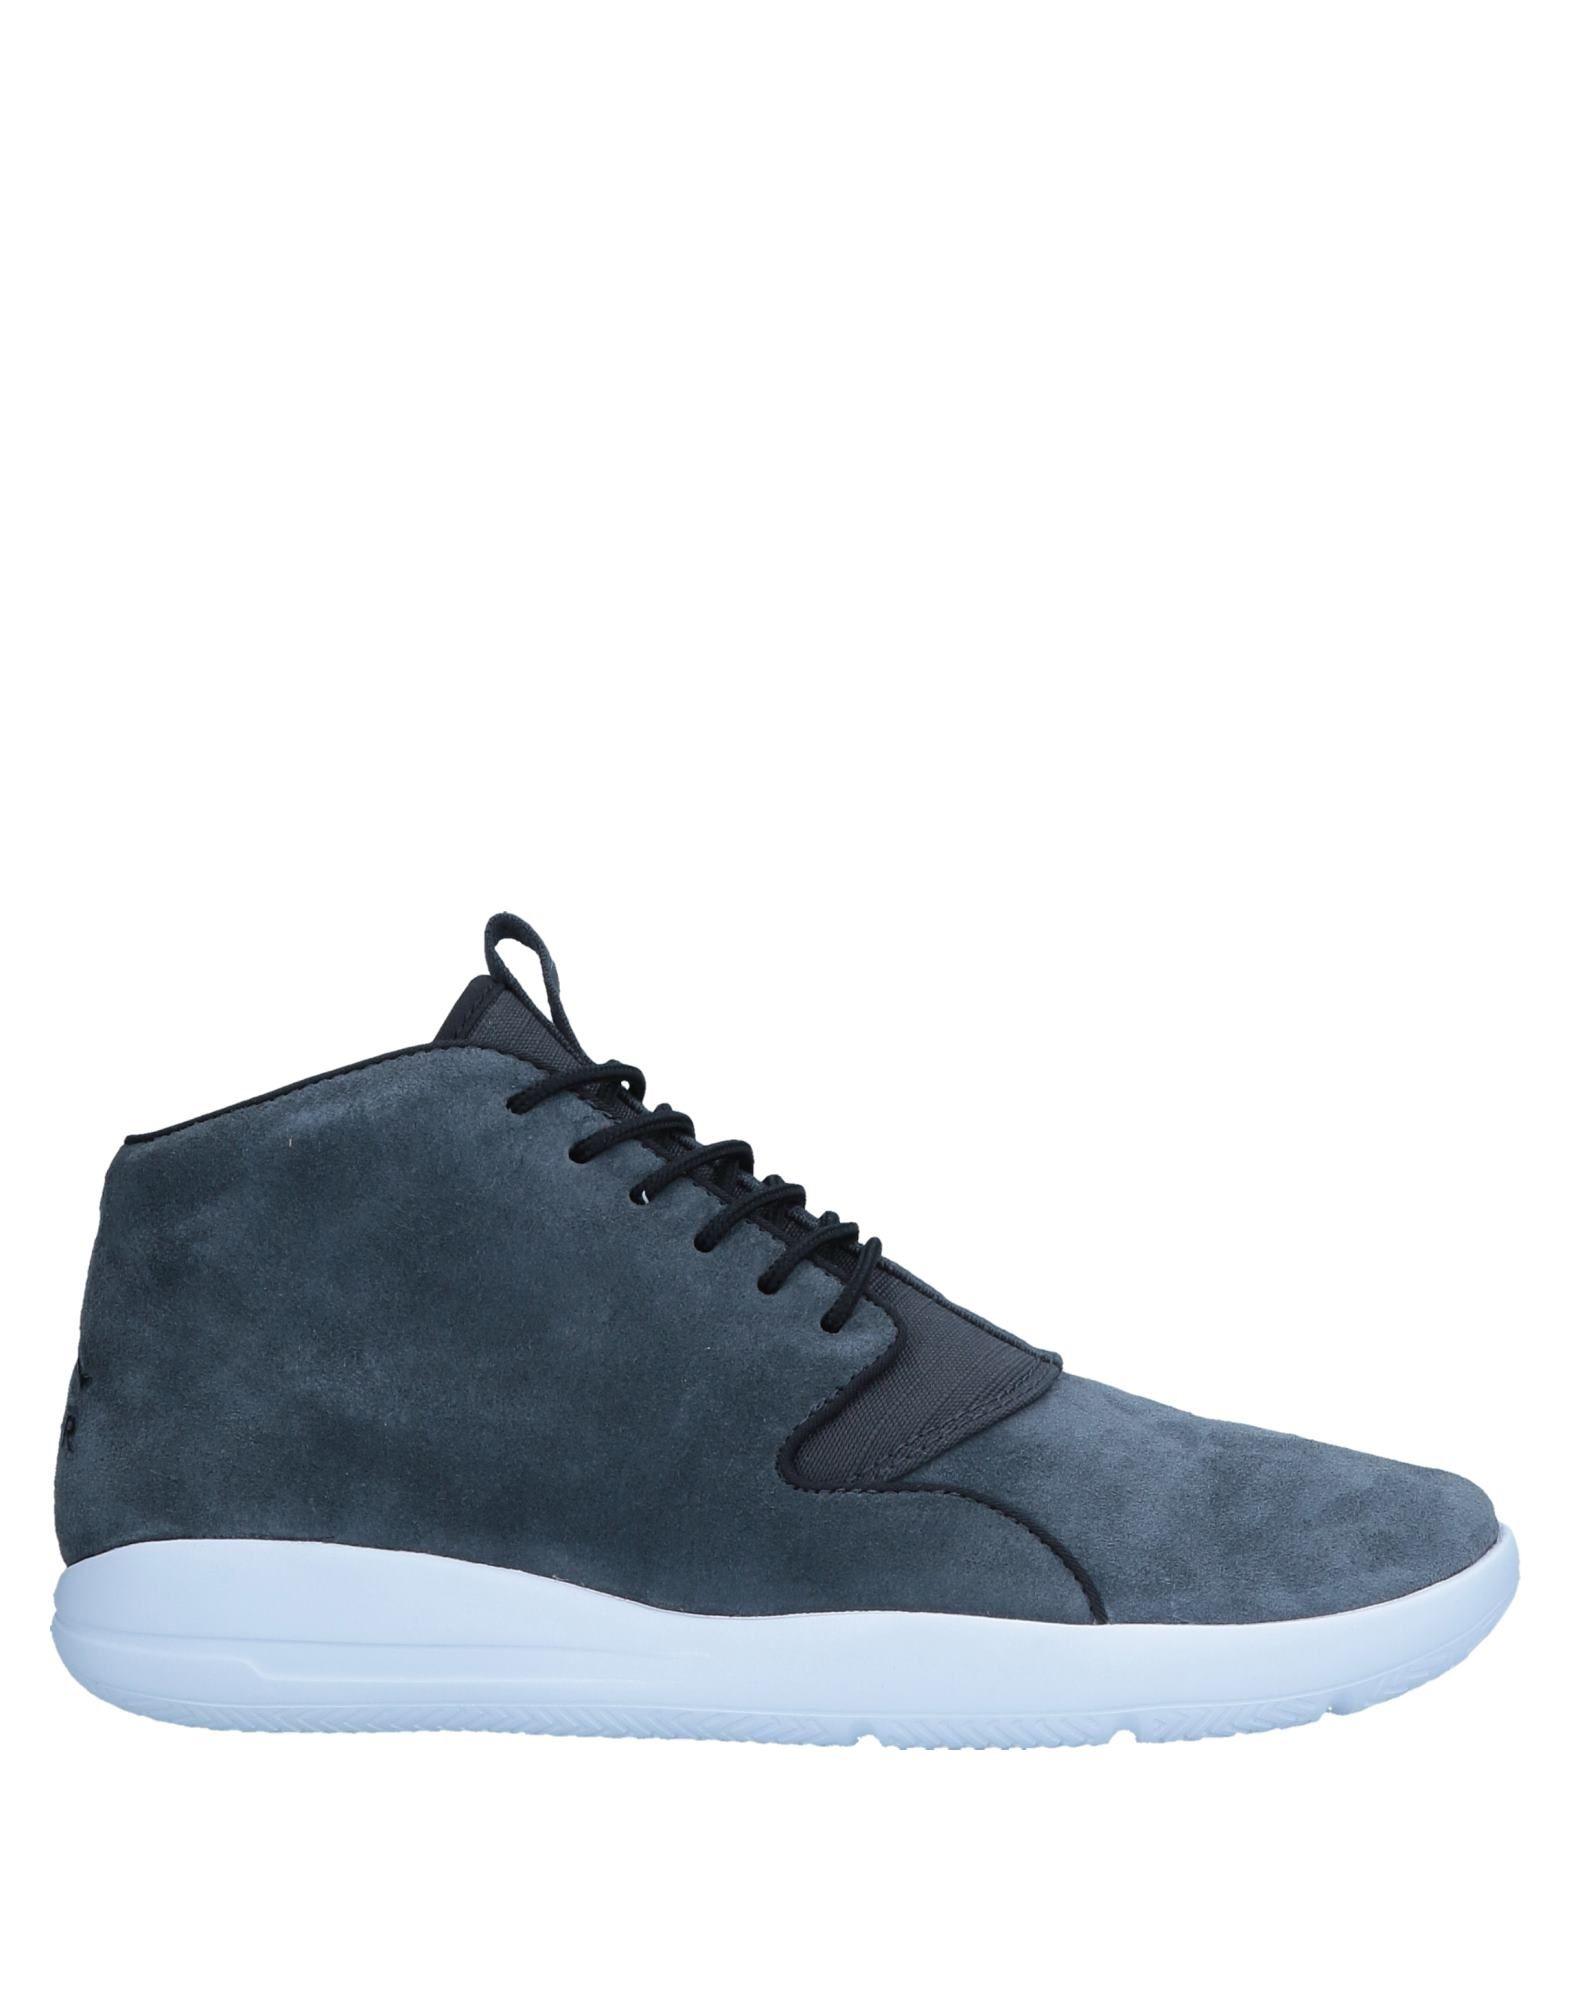 JORDAN Высокие кеды и кроссовки баскетбольные кроссовки nike air jordan air jordan retro gs black infrared aj6 384665 023